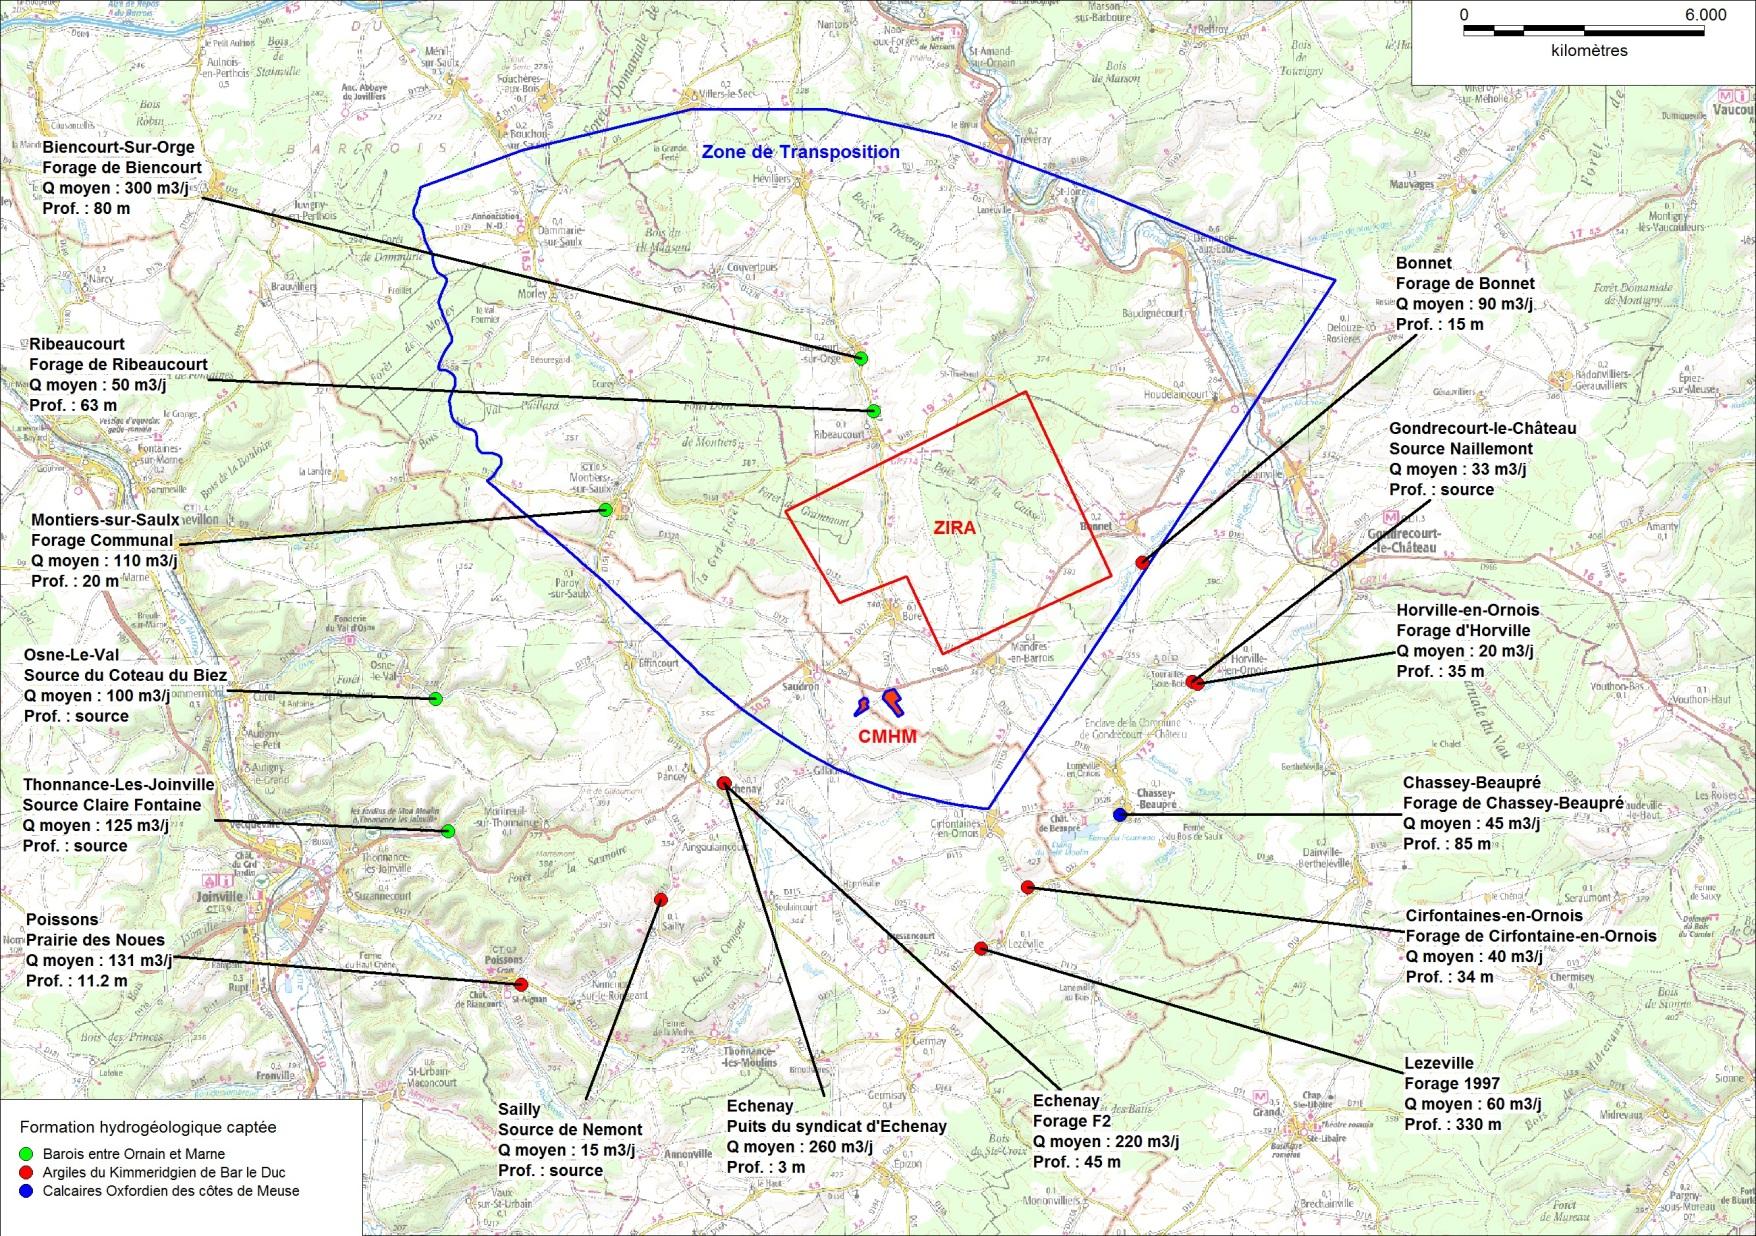 Localisation Des Captages Dalimentation En Eau Autour De La Zone Dimplantation